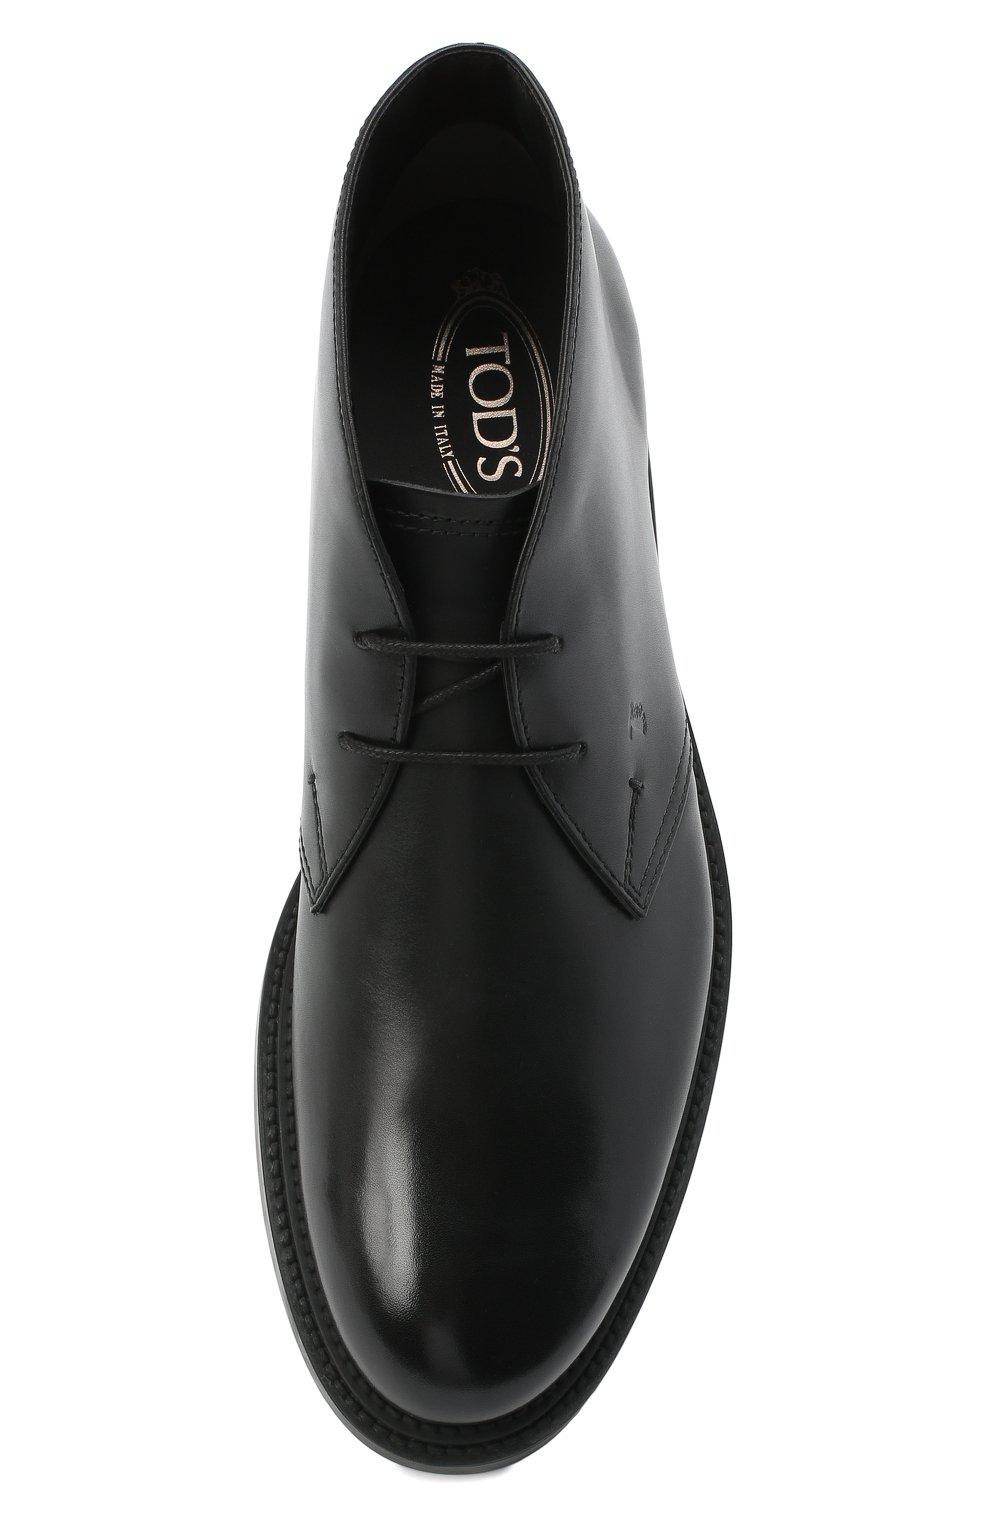 Мужские кожаные ботинки TOD'S черного цвета, арт. XXM62C0DH600LW   Фото 5 (Мужское Кросс-КТ: Ботинки-обувь, Дезерты-обувь; Материал внутренний: Натуральная кожа; Подошва: Плоская)